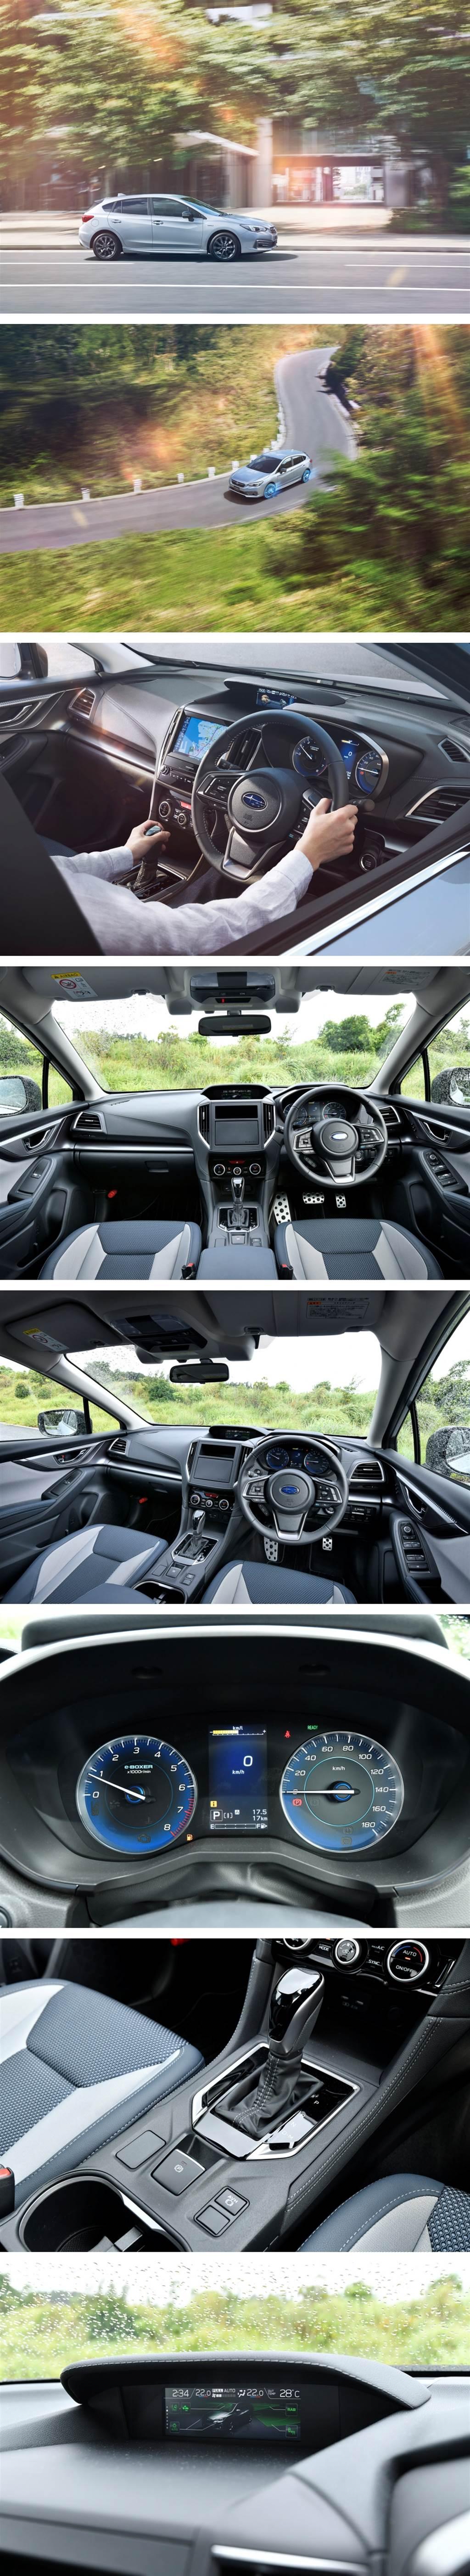 Subaru Impreza Sport 新年式變更、導入 e-BOXER 輕度混合動力與 STI SPORT 羽量級運動